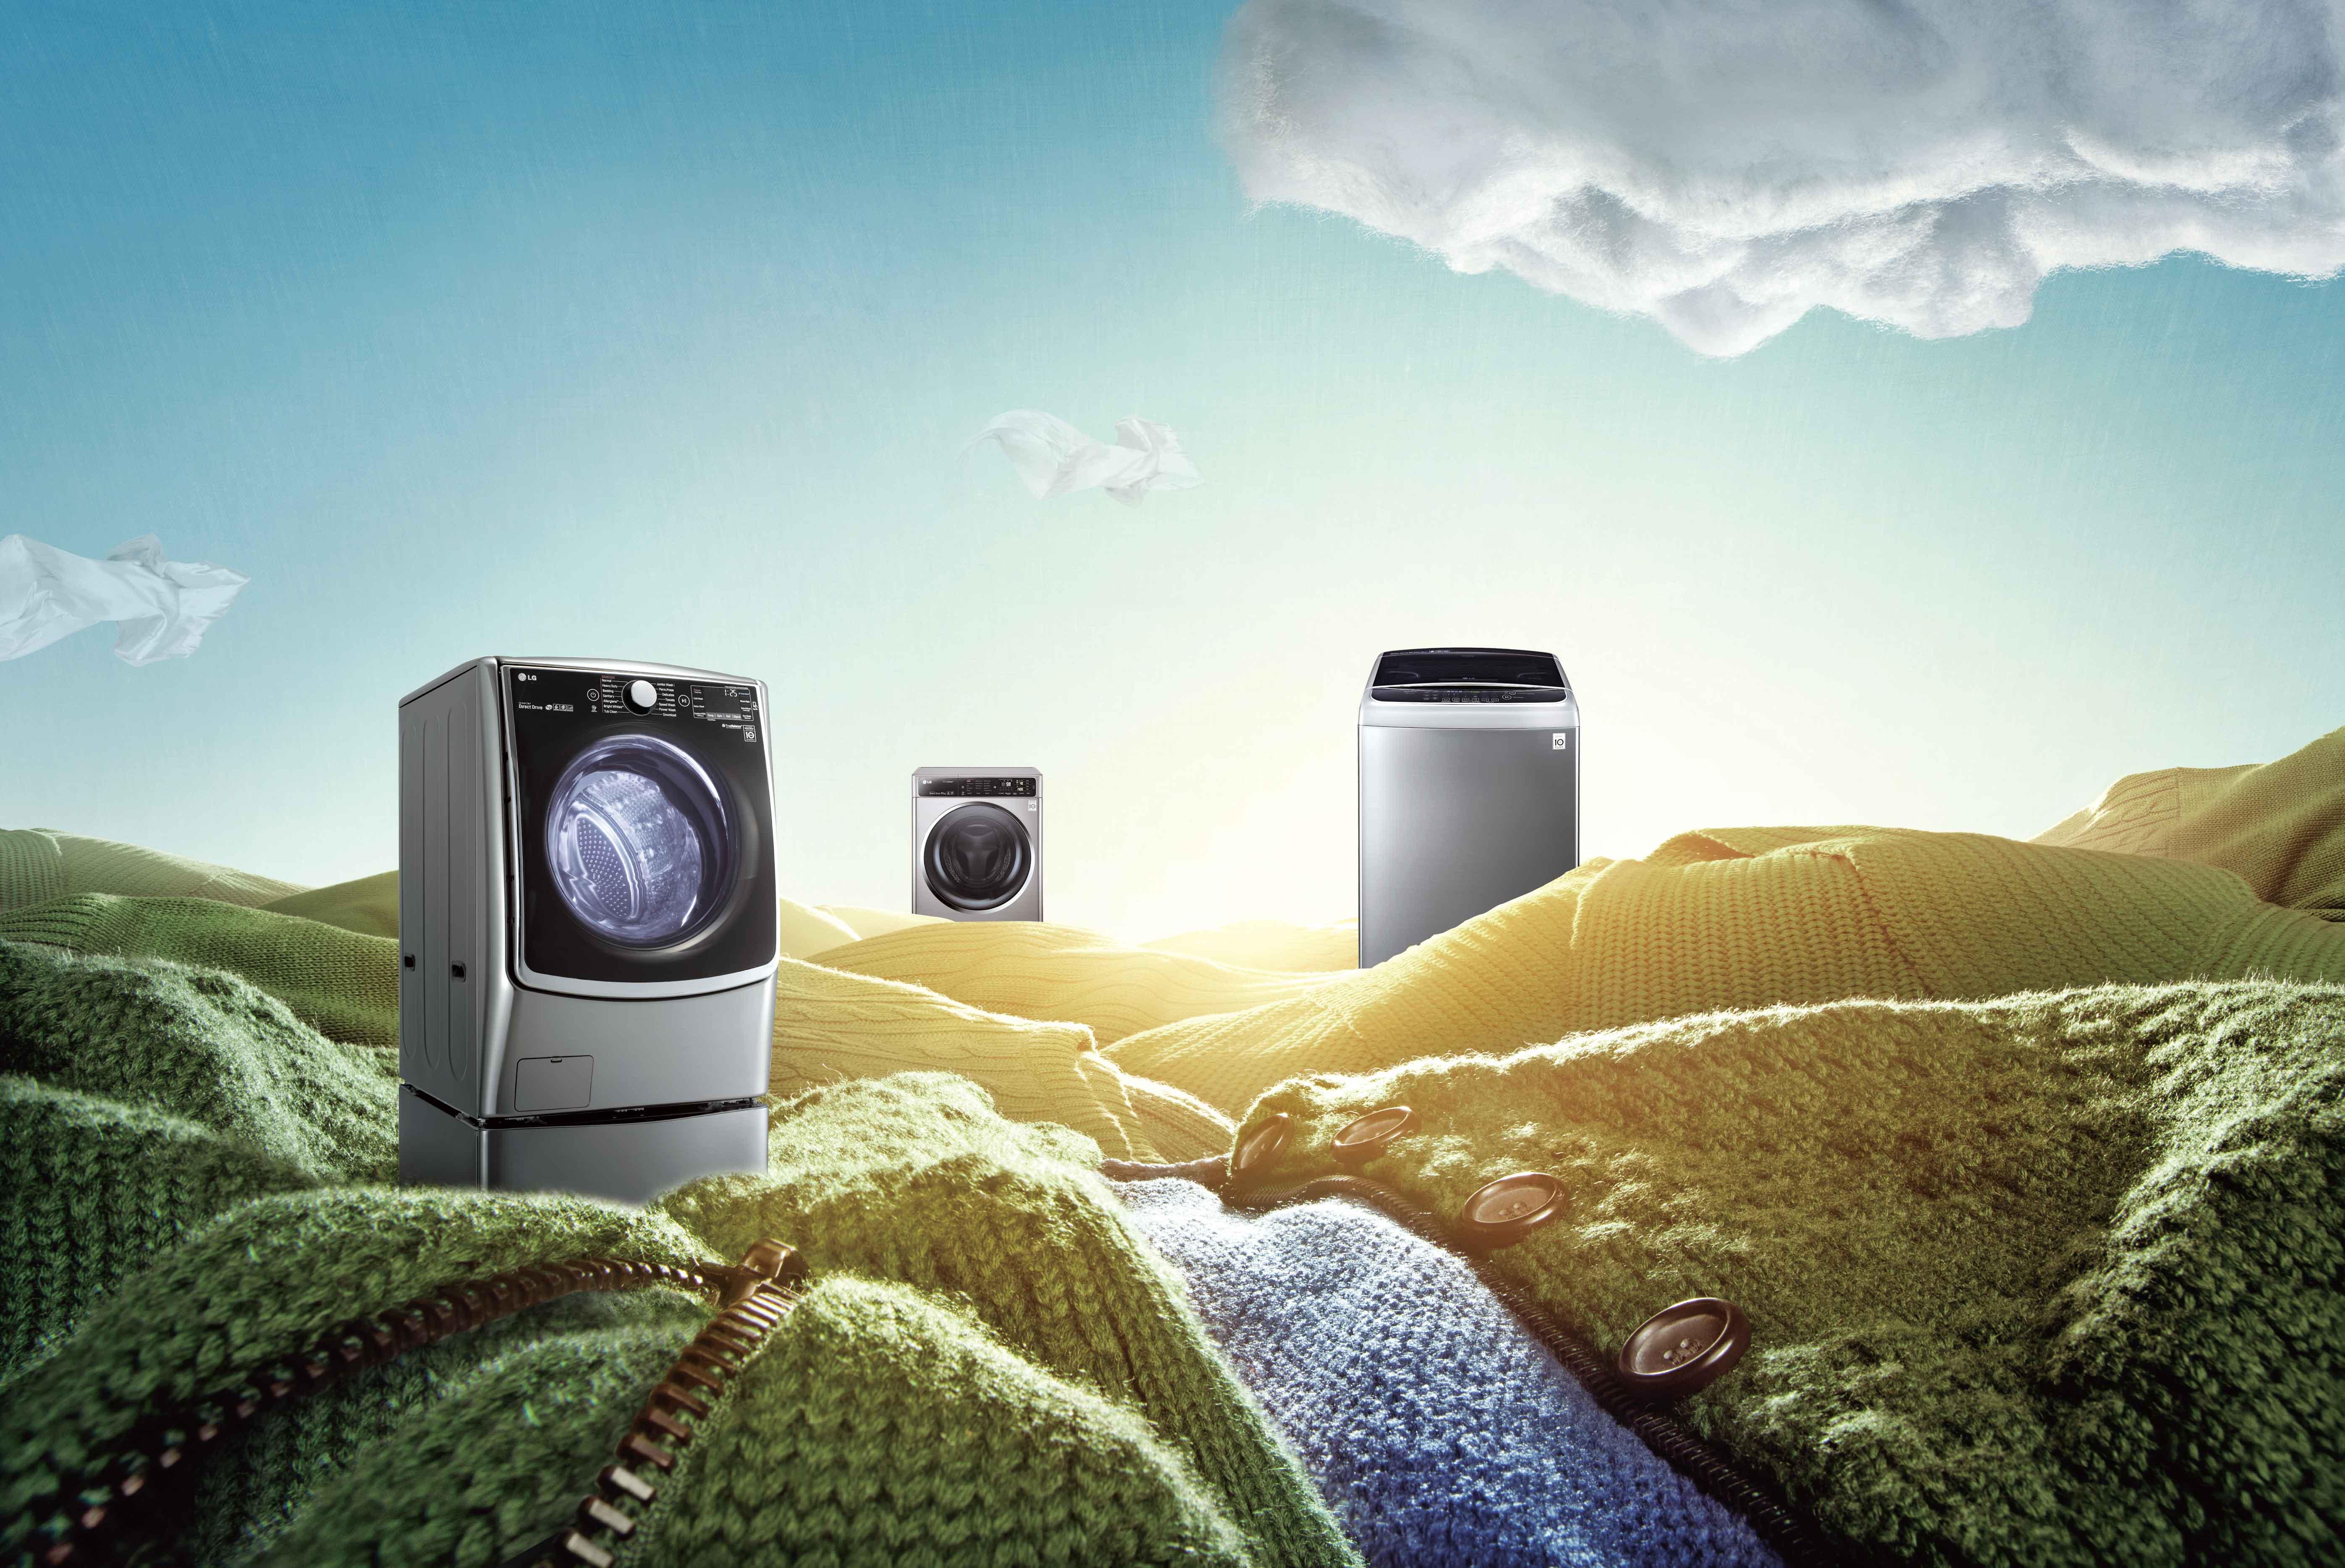 רוצים לשלוט מחוץ לבית במכונת הכביסה שלכם?